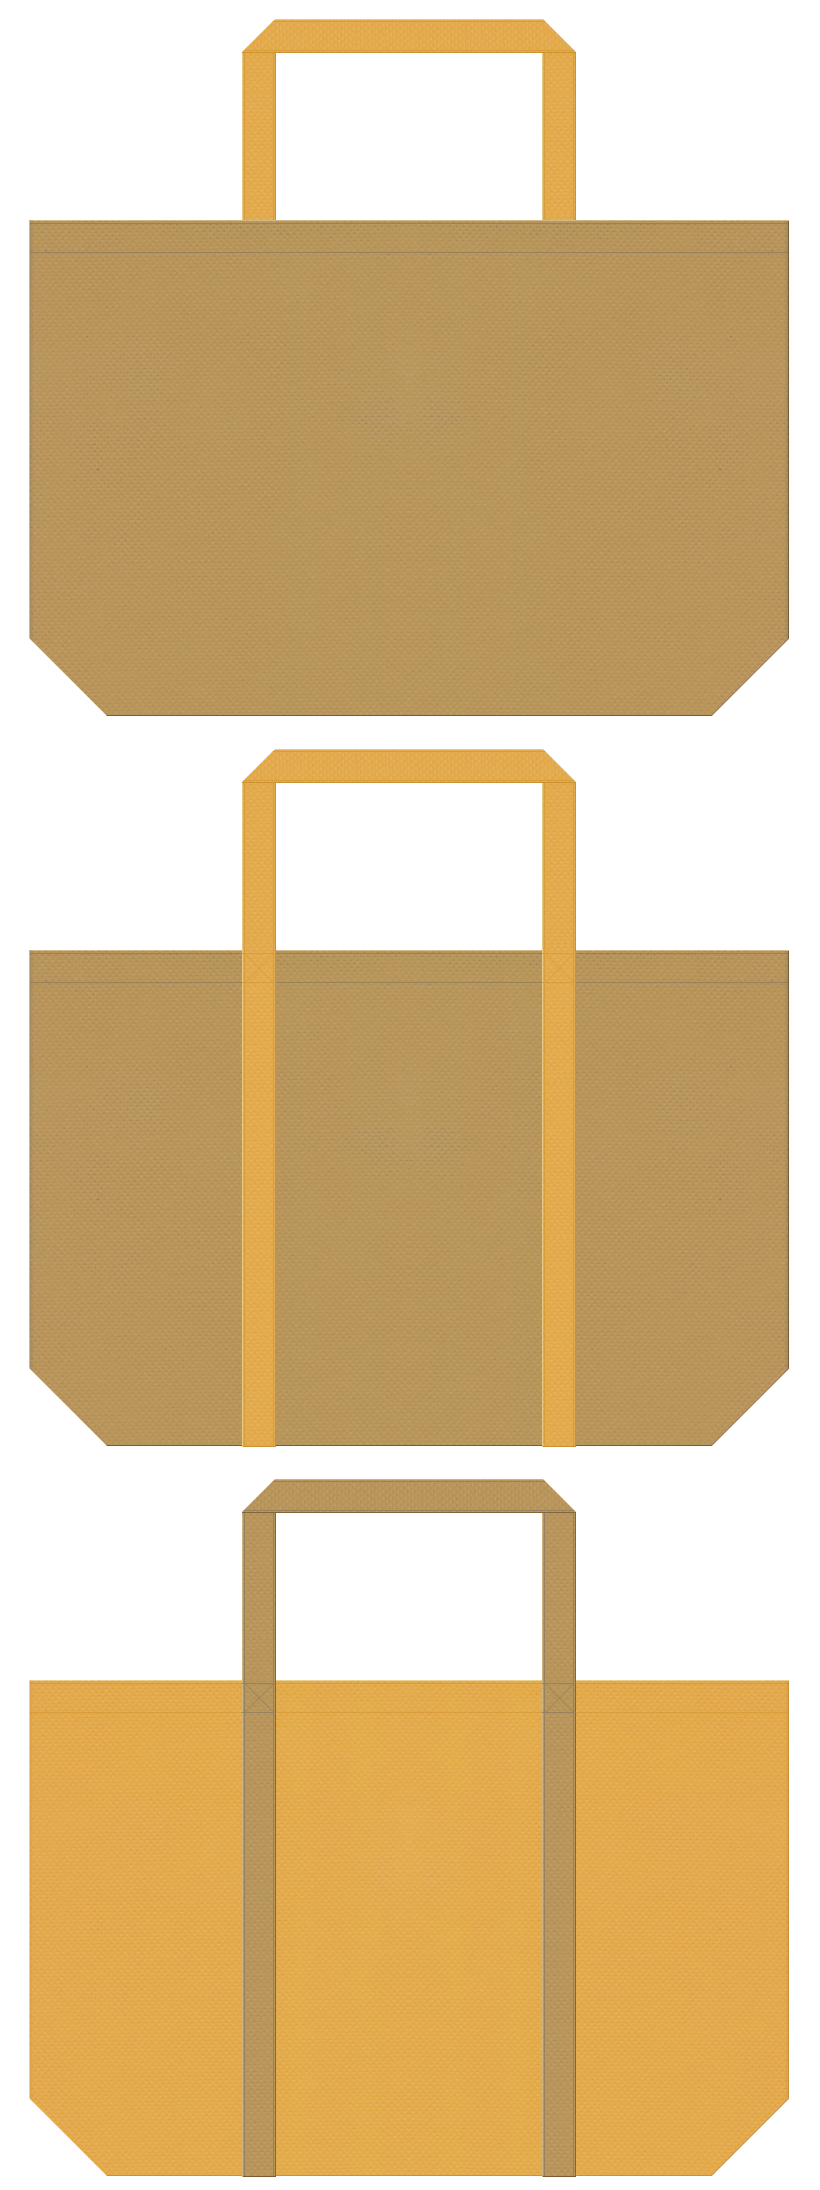 米酢・味醂・調味料・日曜大工・作業用品・土俵・相撲・縄・ロープ・DIYのショッピングバッグにお奨めの不織布バッグデザイン:マスタード色と黄土色のコーデ